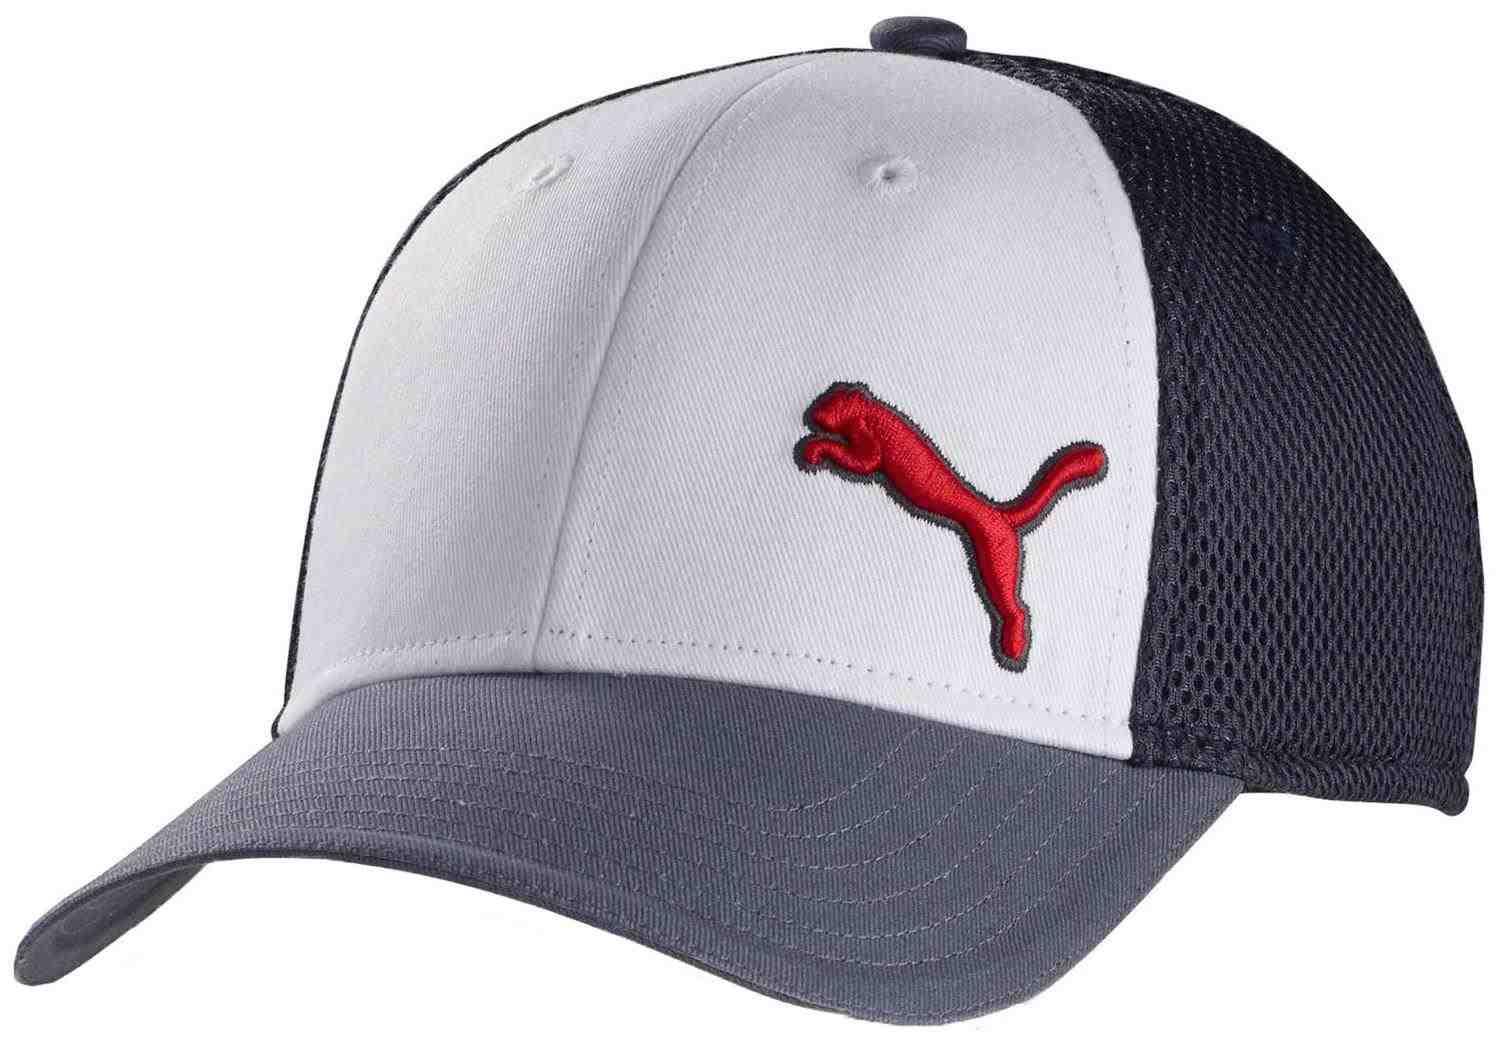 Puma Back 9 Stretch Mesh Fit golfová kšiltovka, šedo/bílá šedá, kšiltovka, pánské, S/M